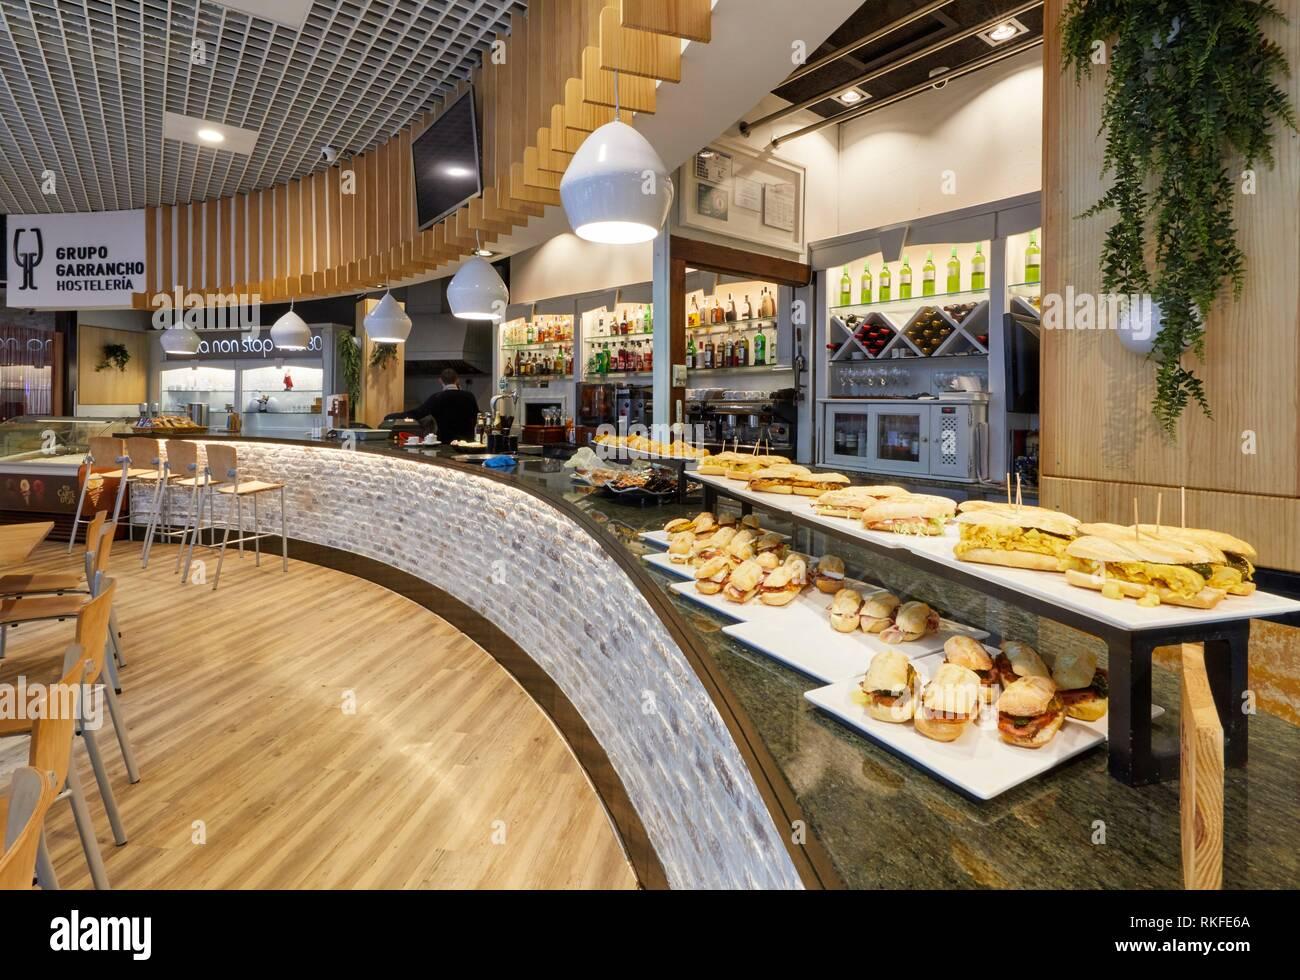 Bar mit Pintxos, Restaurante Bar Virginia Mendibil Menüs & Schnell Gut, Mall, Centro Comercial Mendibil, Irun, Gipuzkoa, Baskenland, Spanien Stockbild